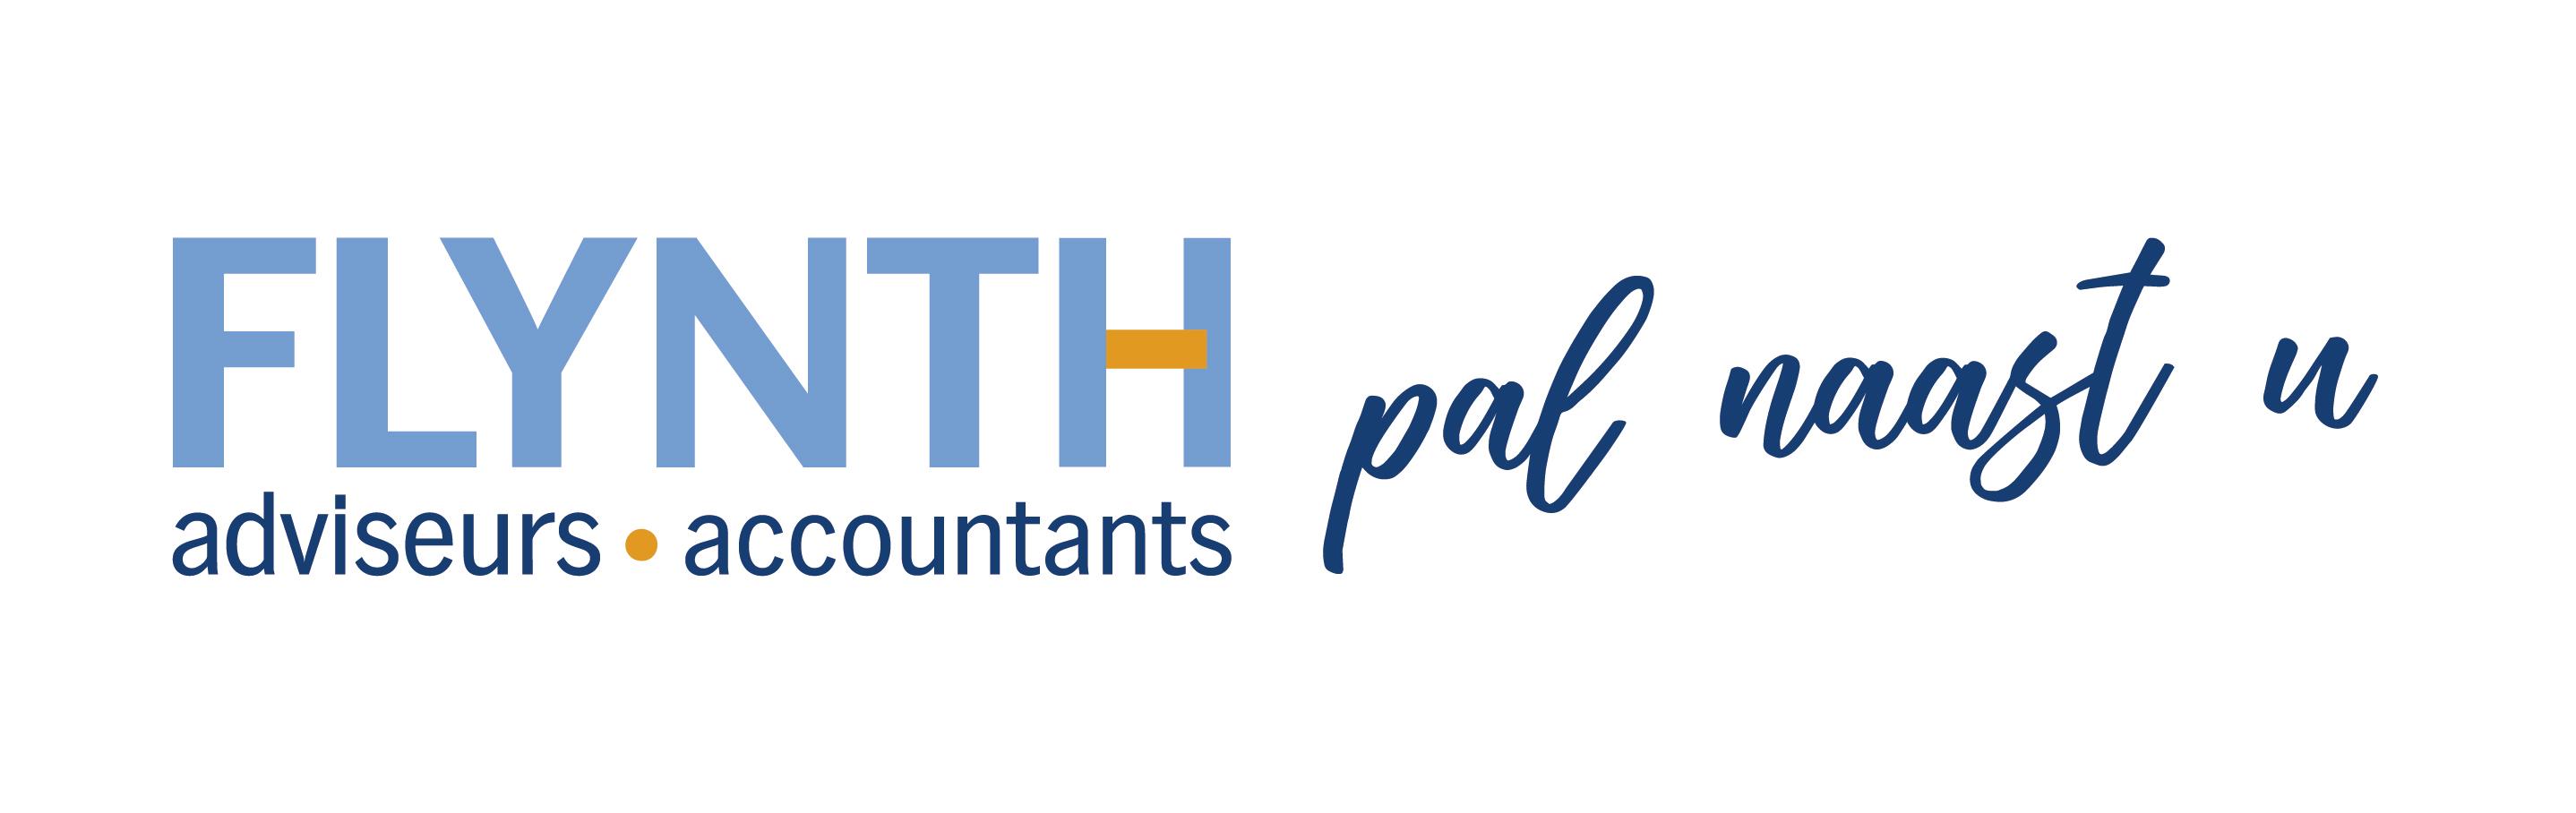 Flynth Adviseurs en Accountants